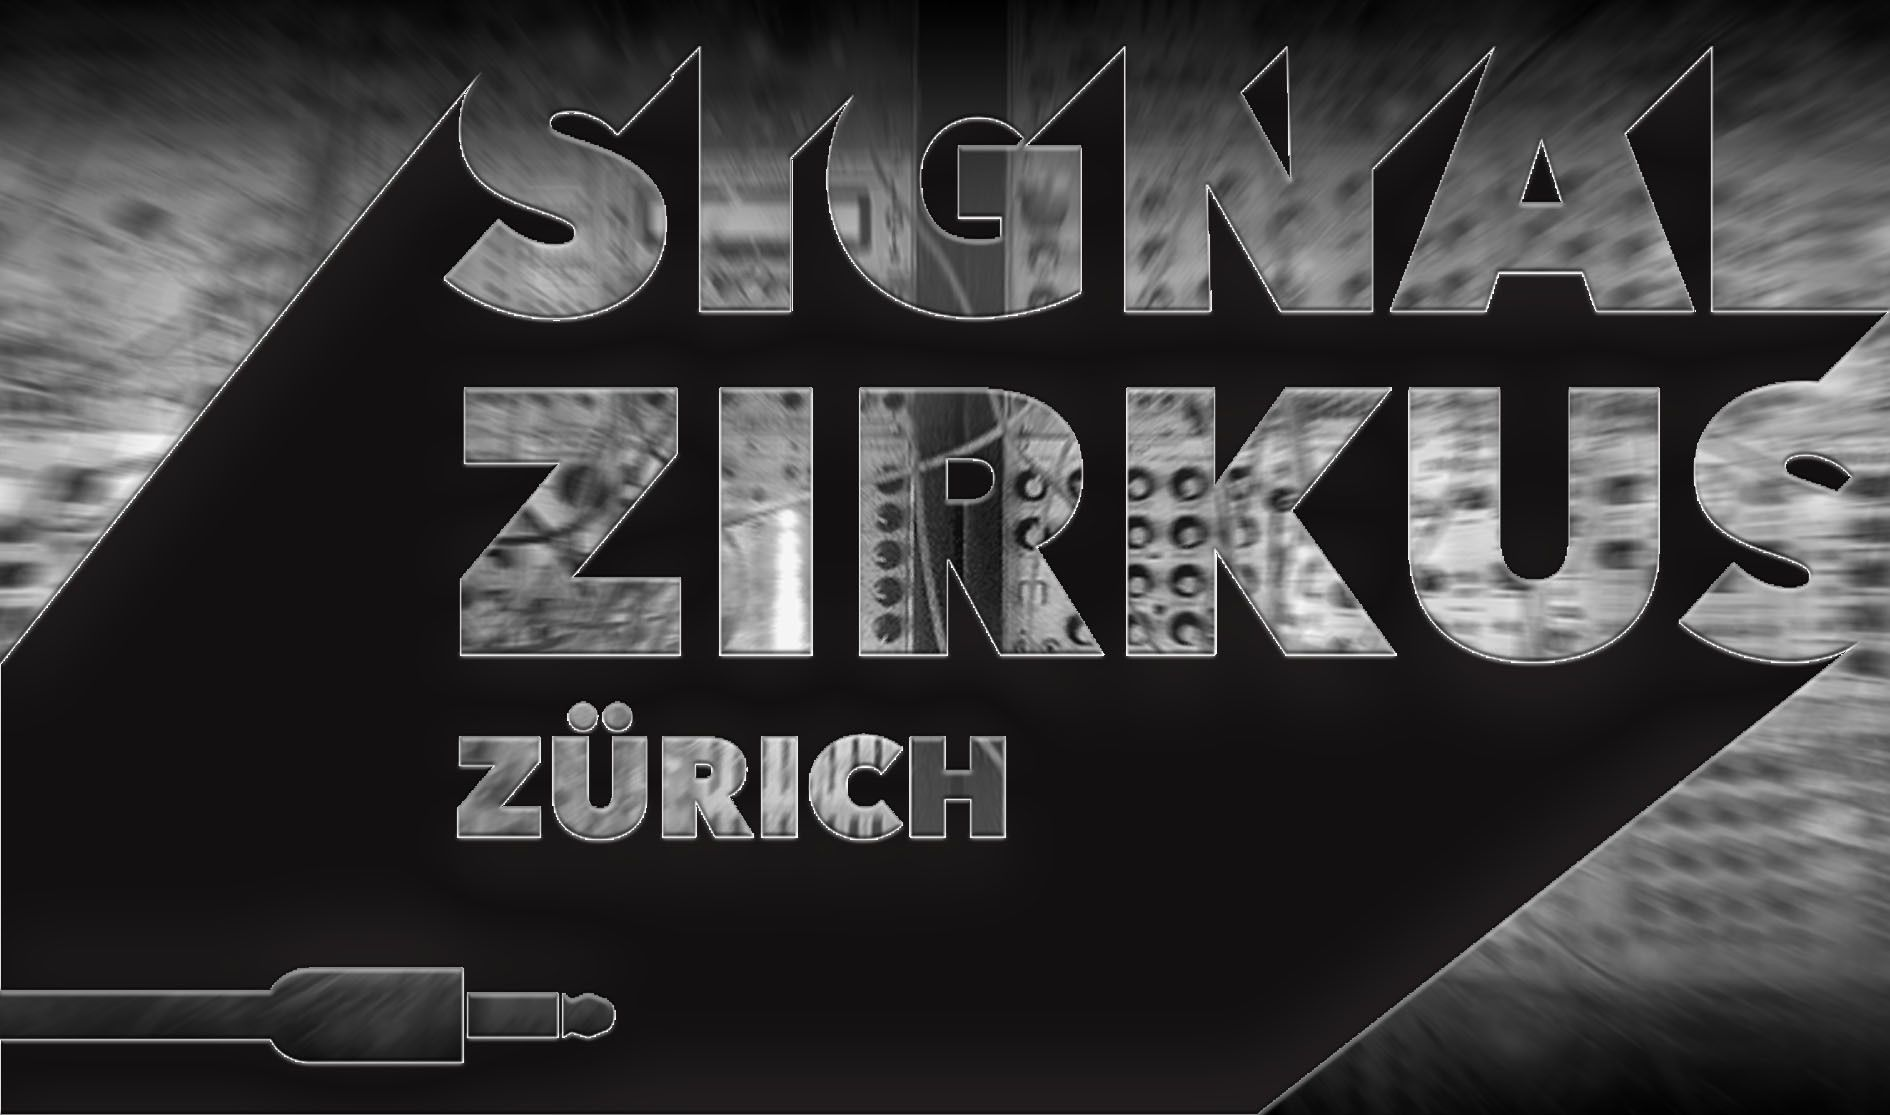 Signal Zirkus Zurich 010